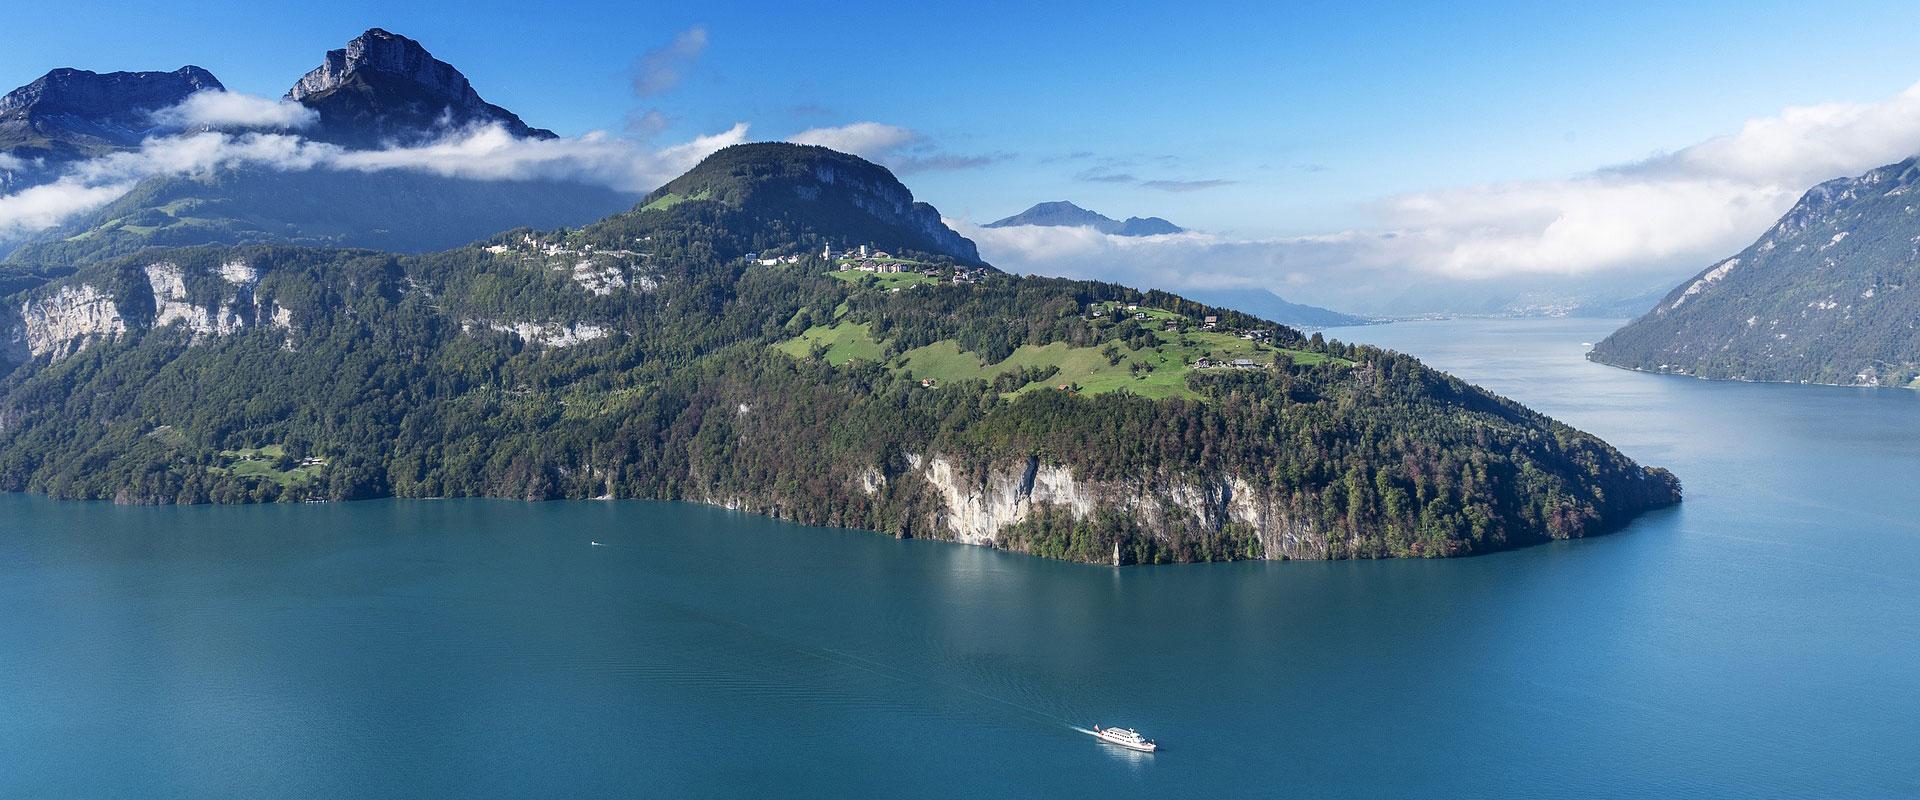 Vierwaldstättersee im Kanton Luzern